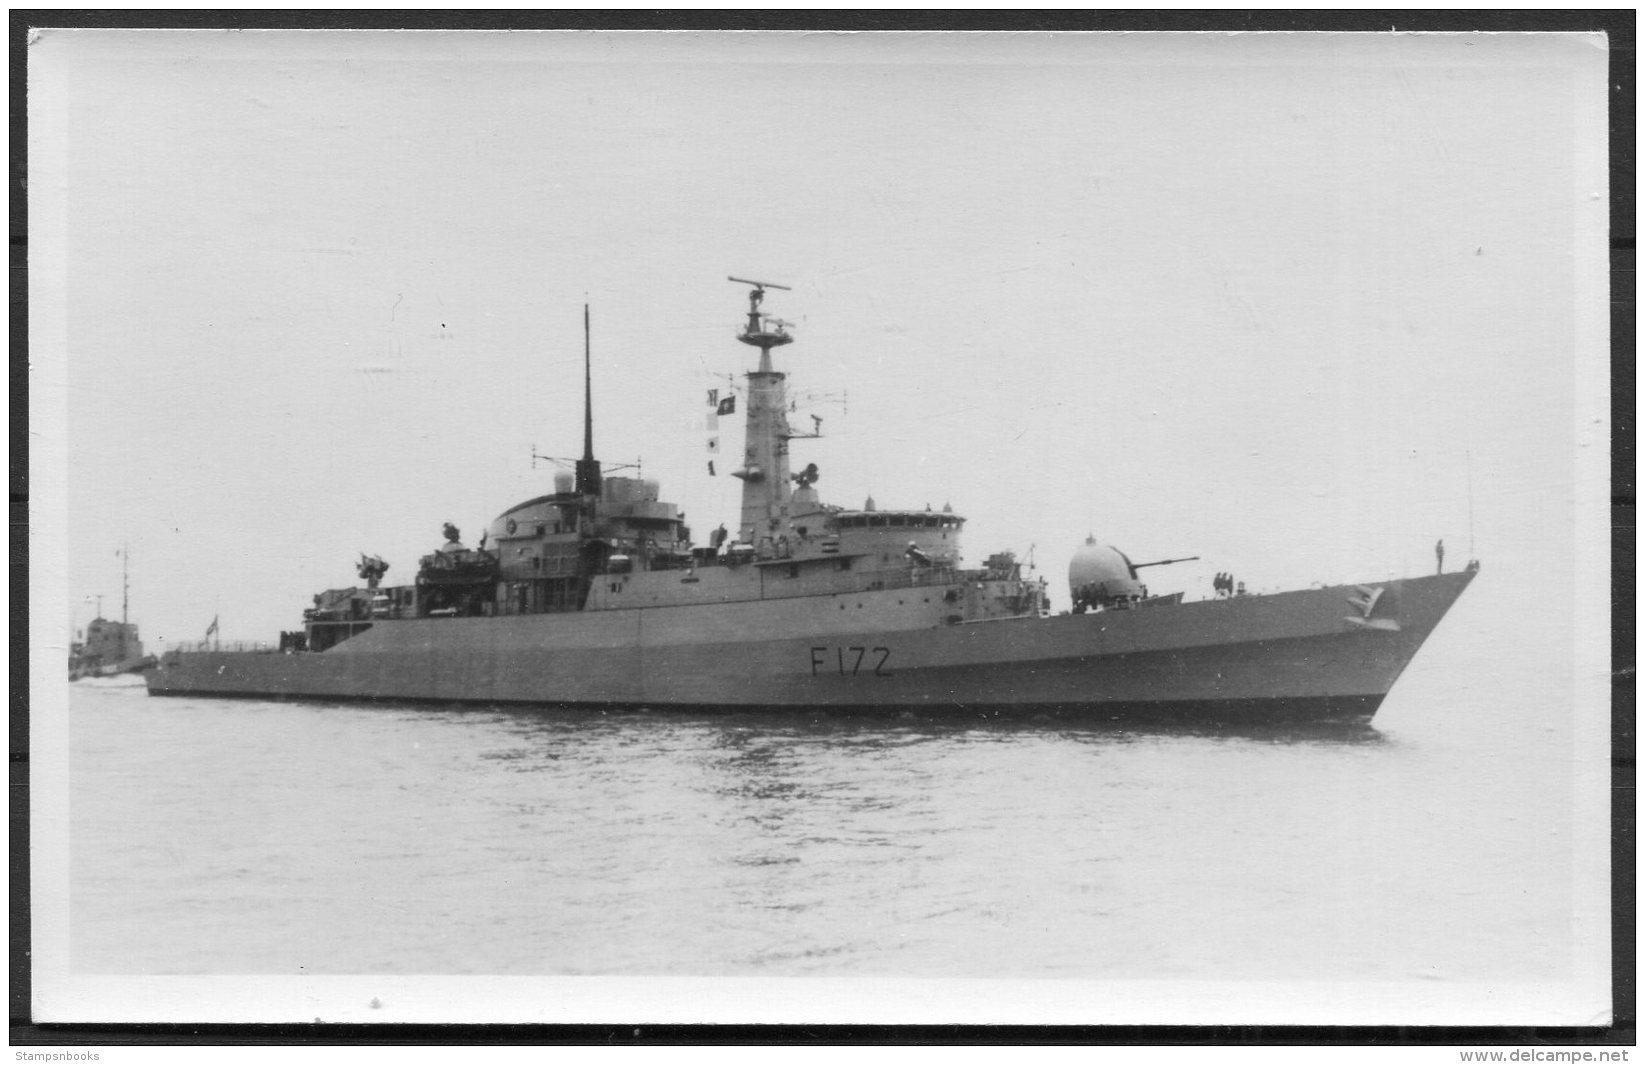 British Royal Navy Ship, Warship HMS F172 Droppel RP Postcard - Warships